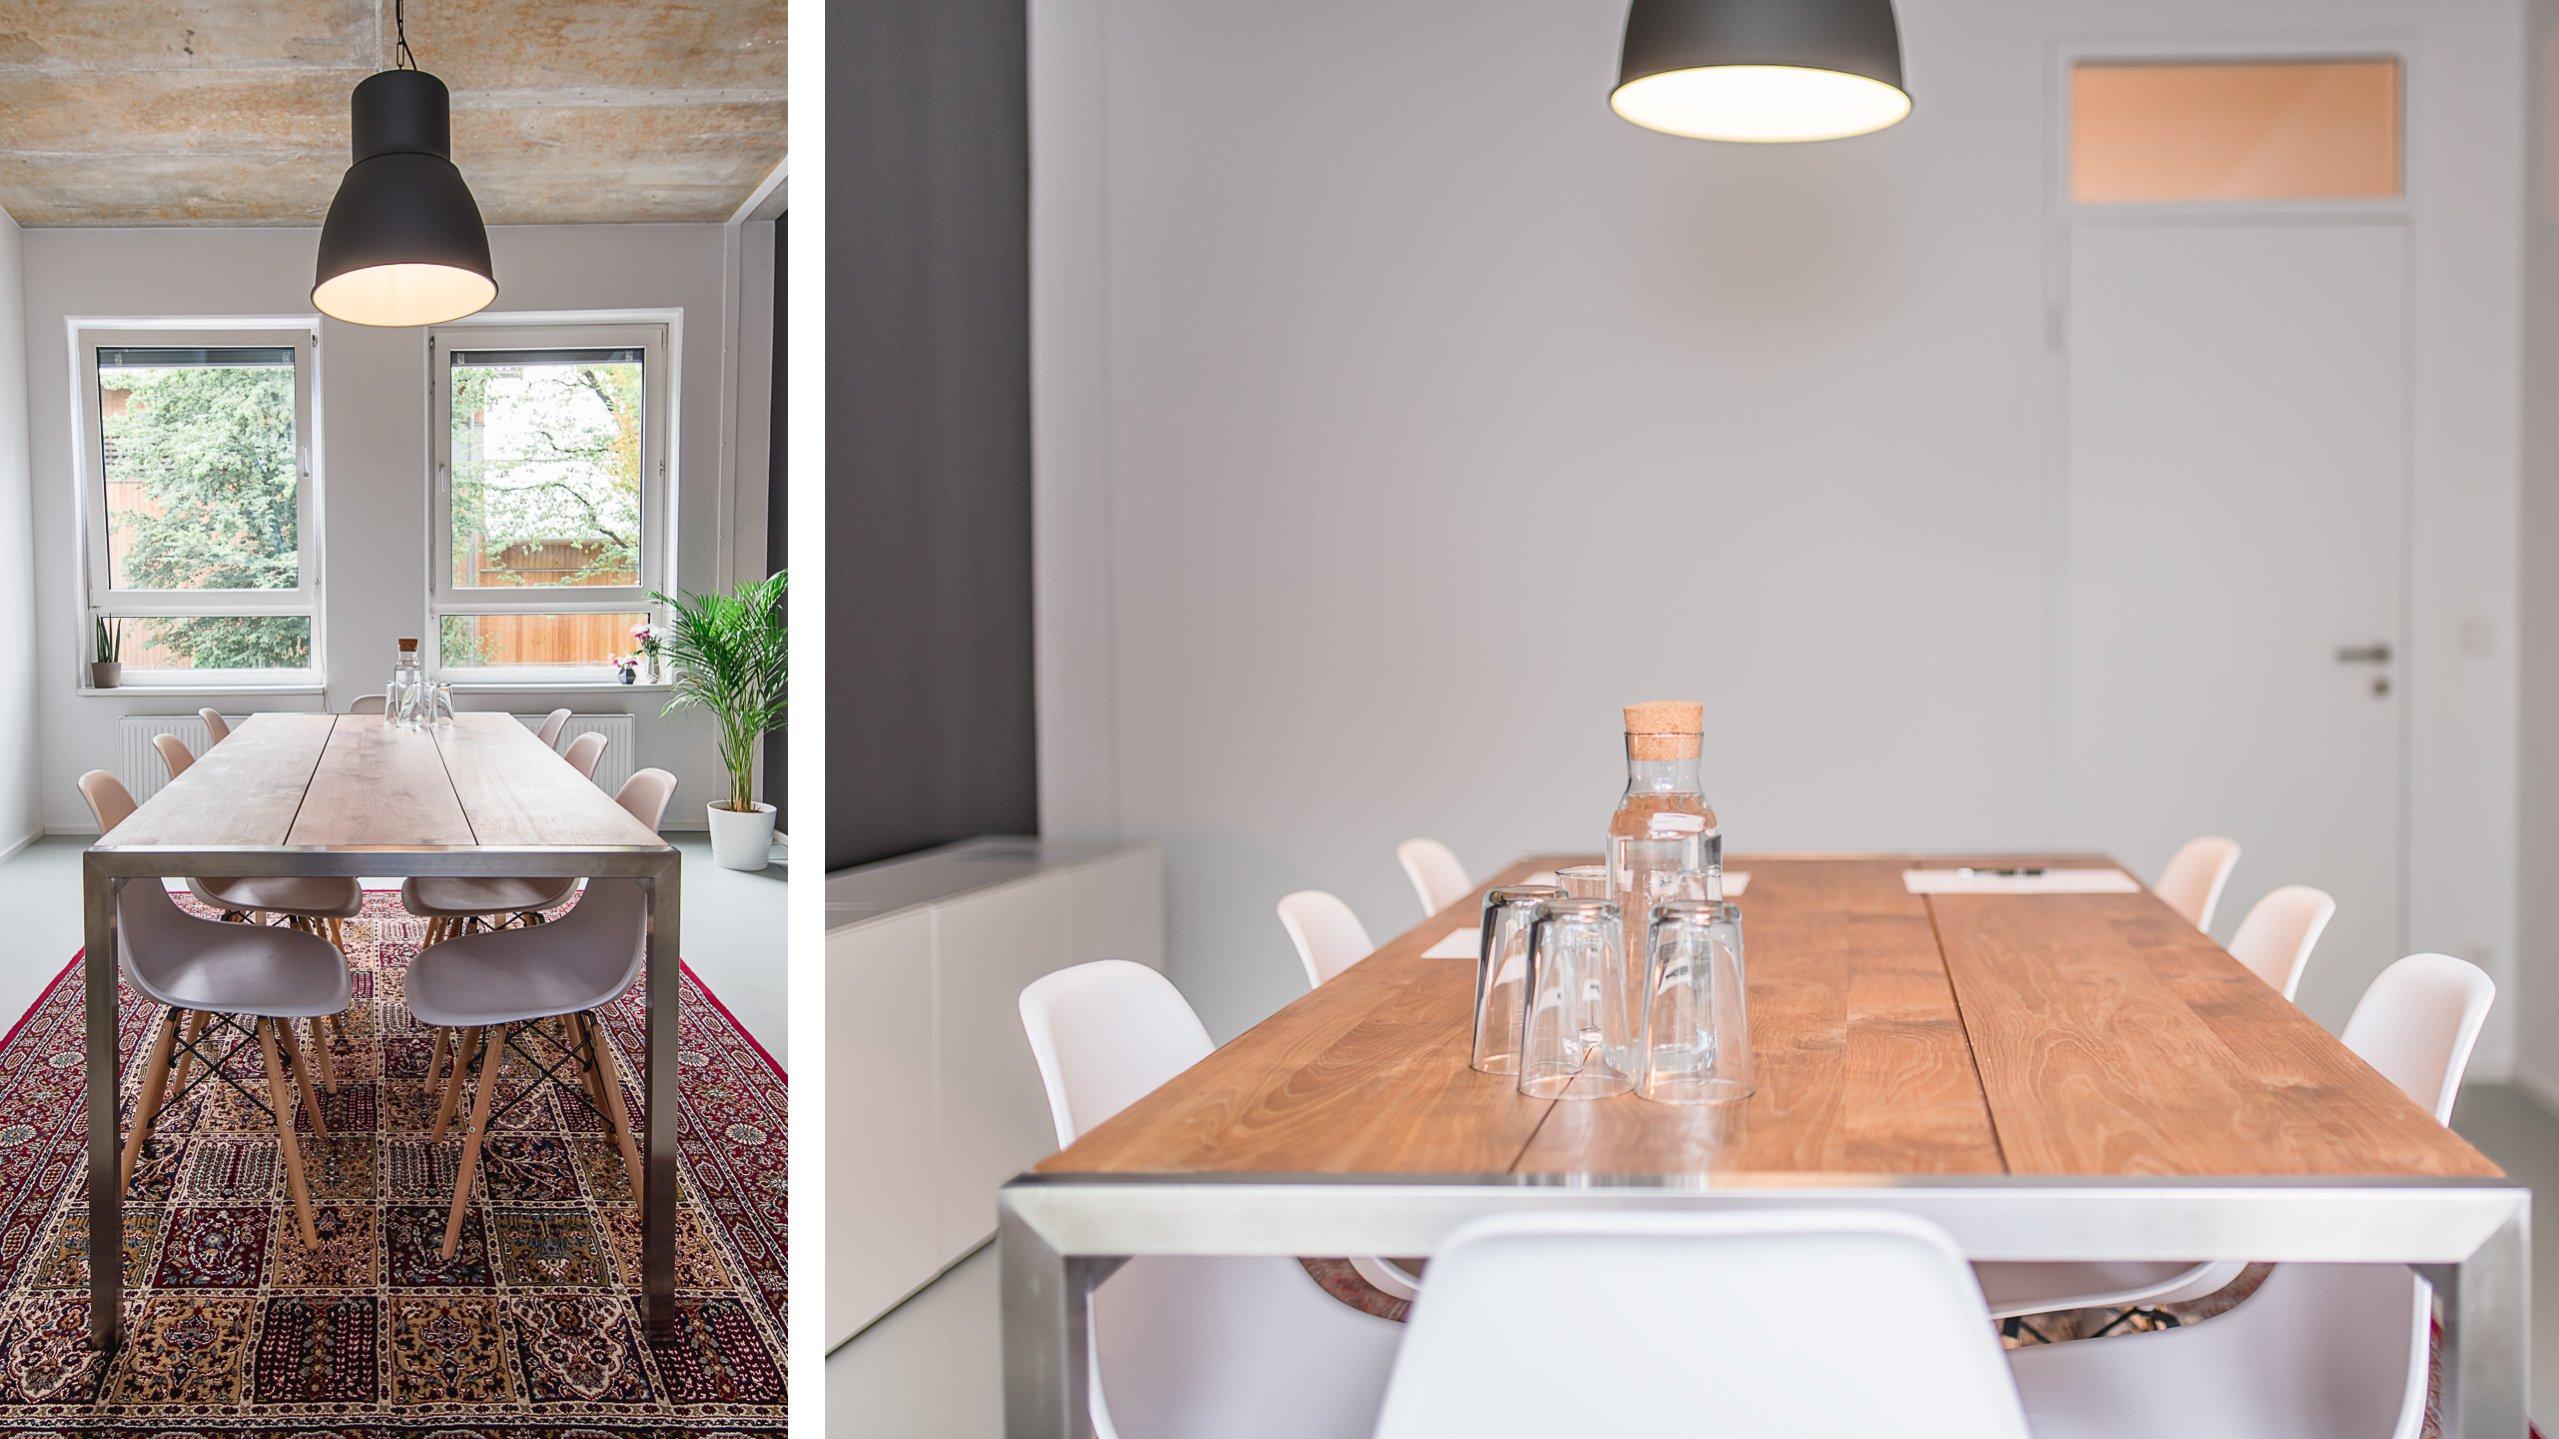 JungundWilddesign Business Architektur Interior 036